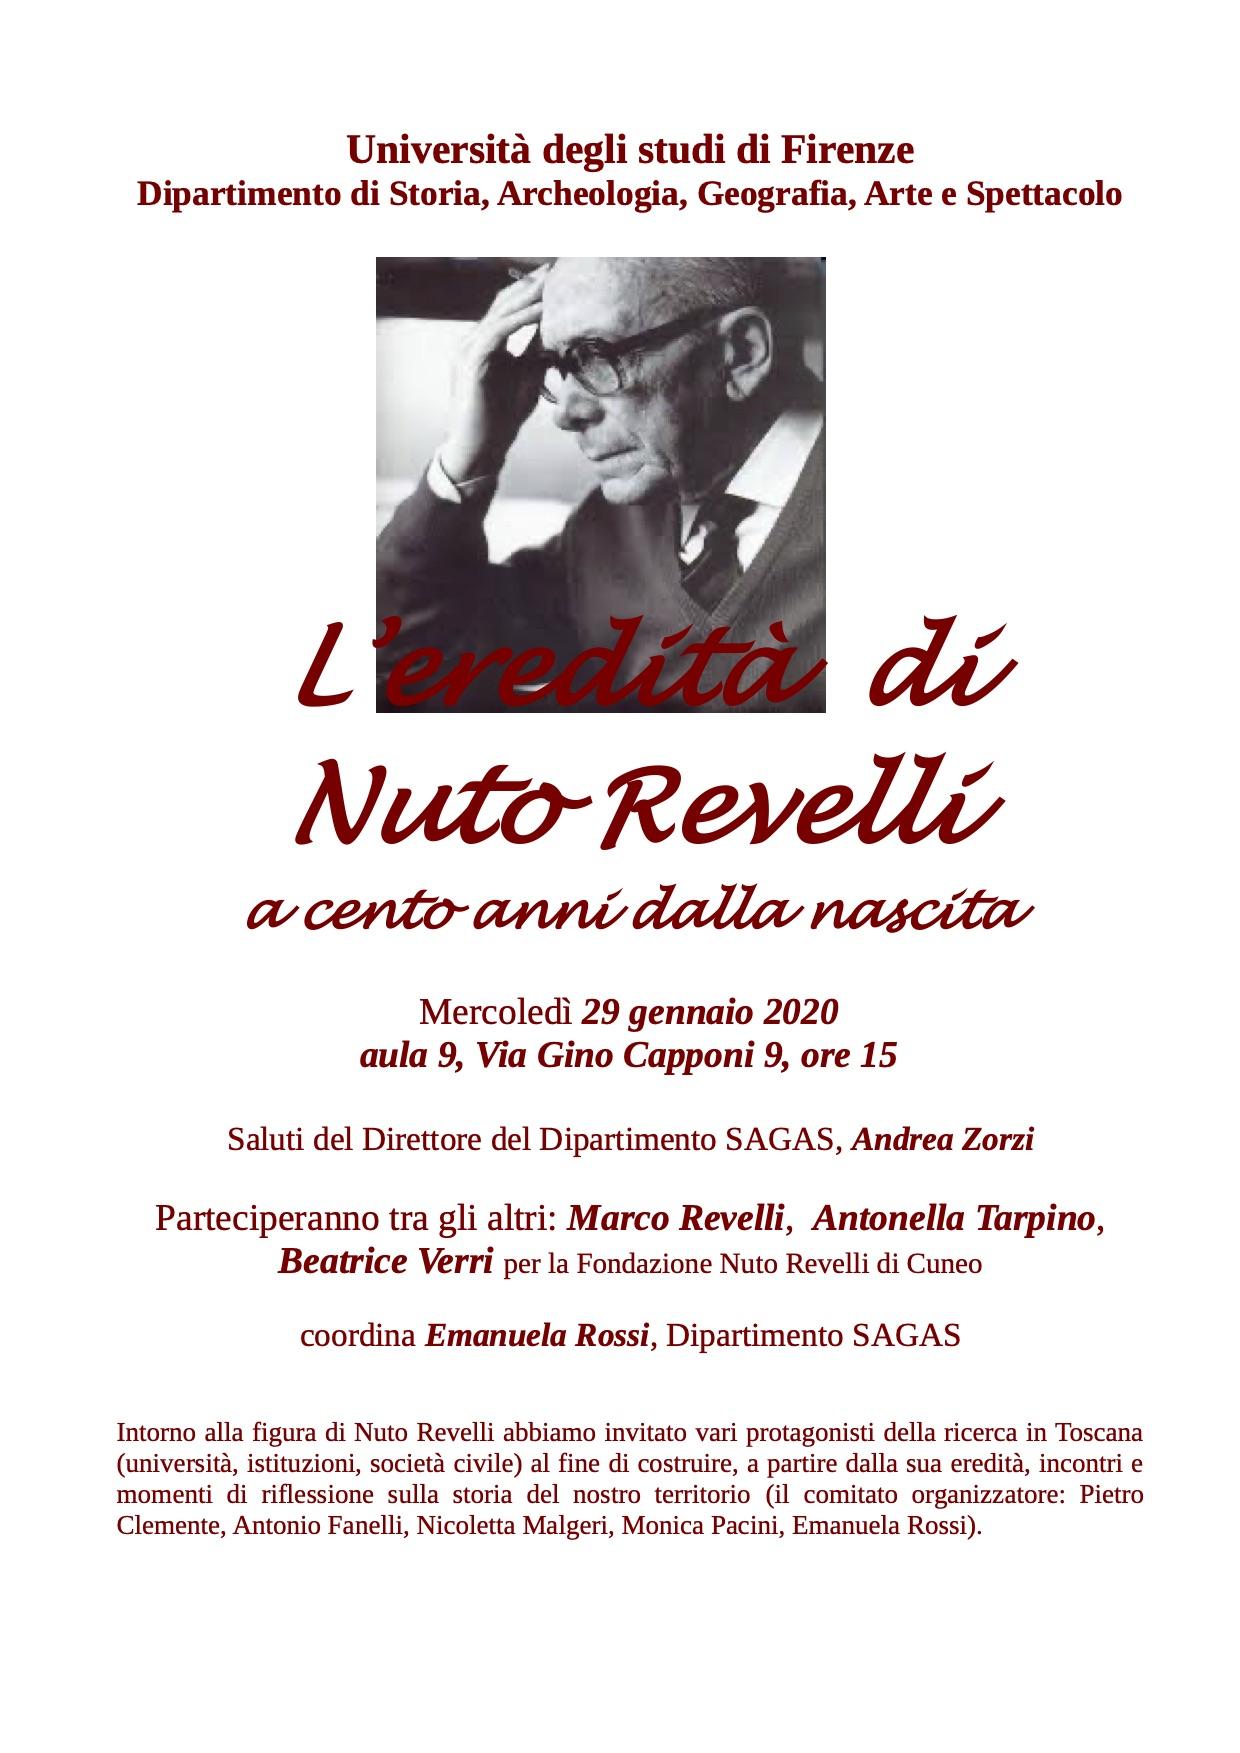 Revelli in Toscana invito per Nuto Revelli